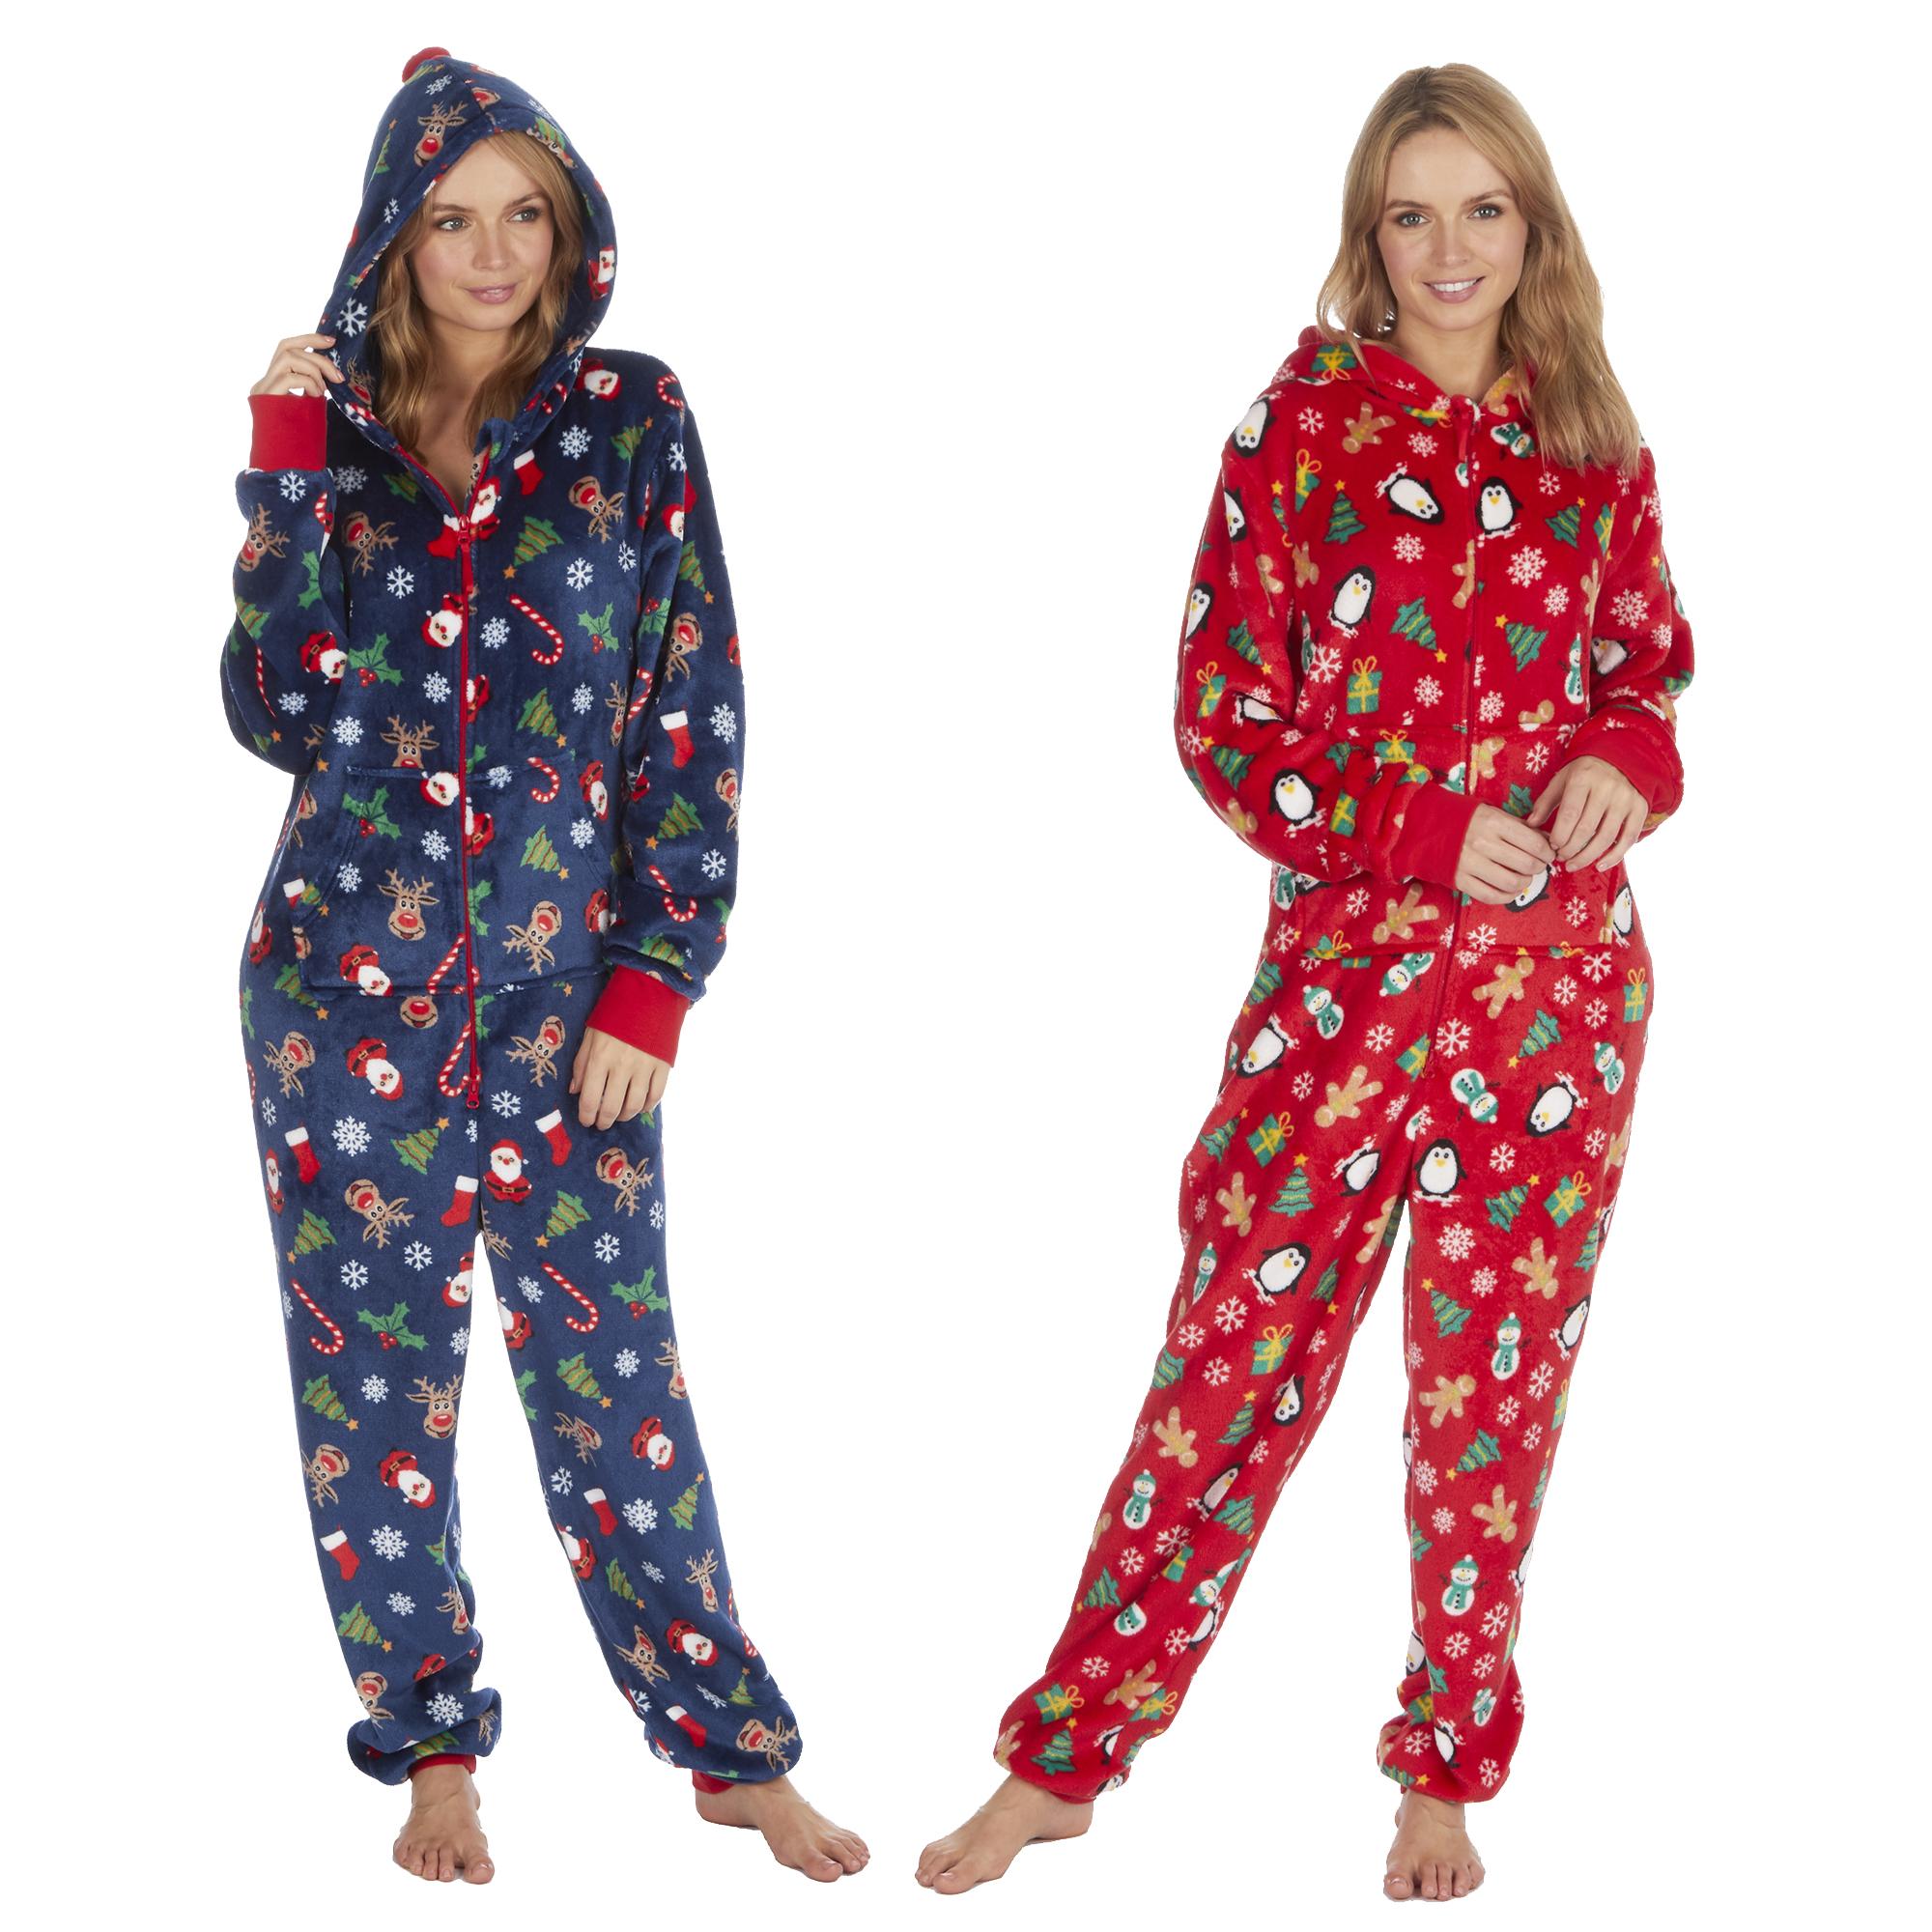 1Onesie Matching Mother /& Daughter Onezee Christmas Fleece Pyjamas Pjs Girls